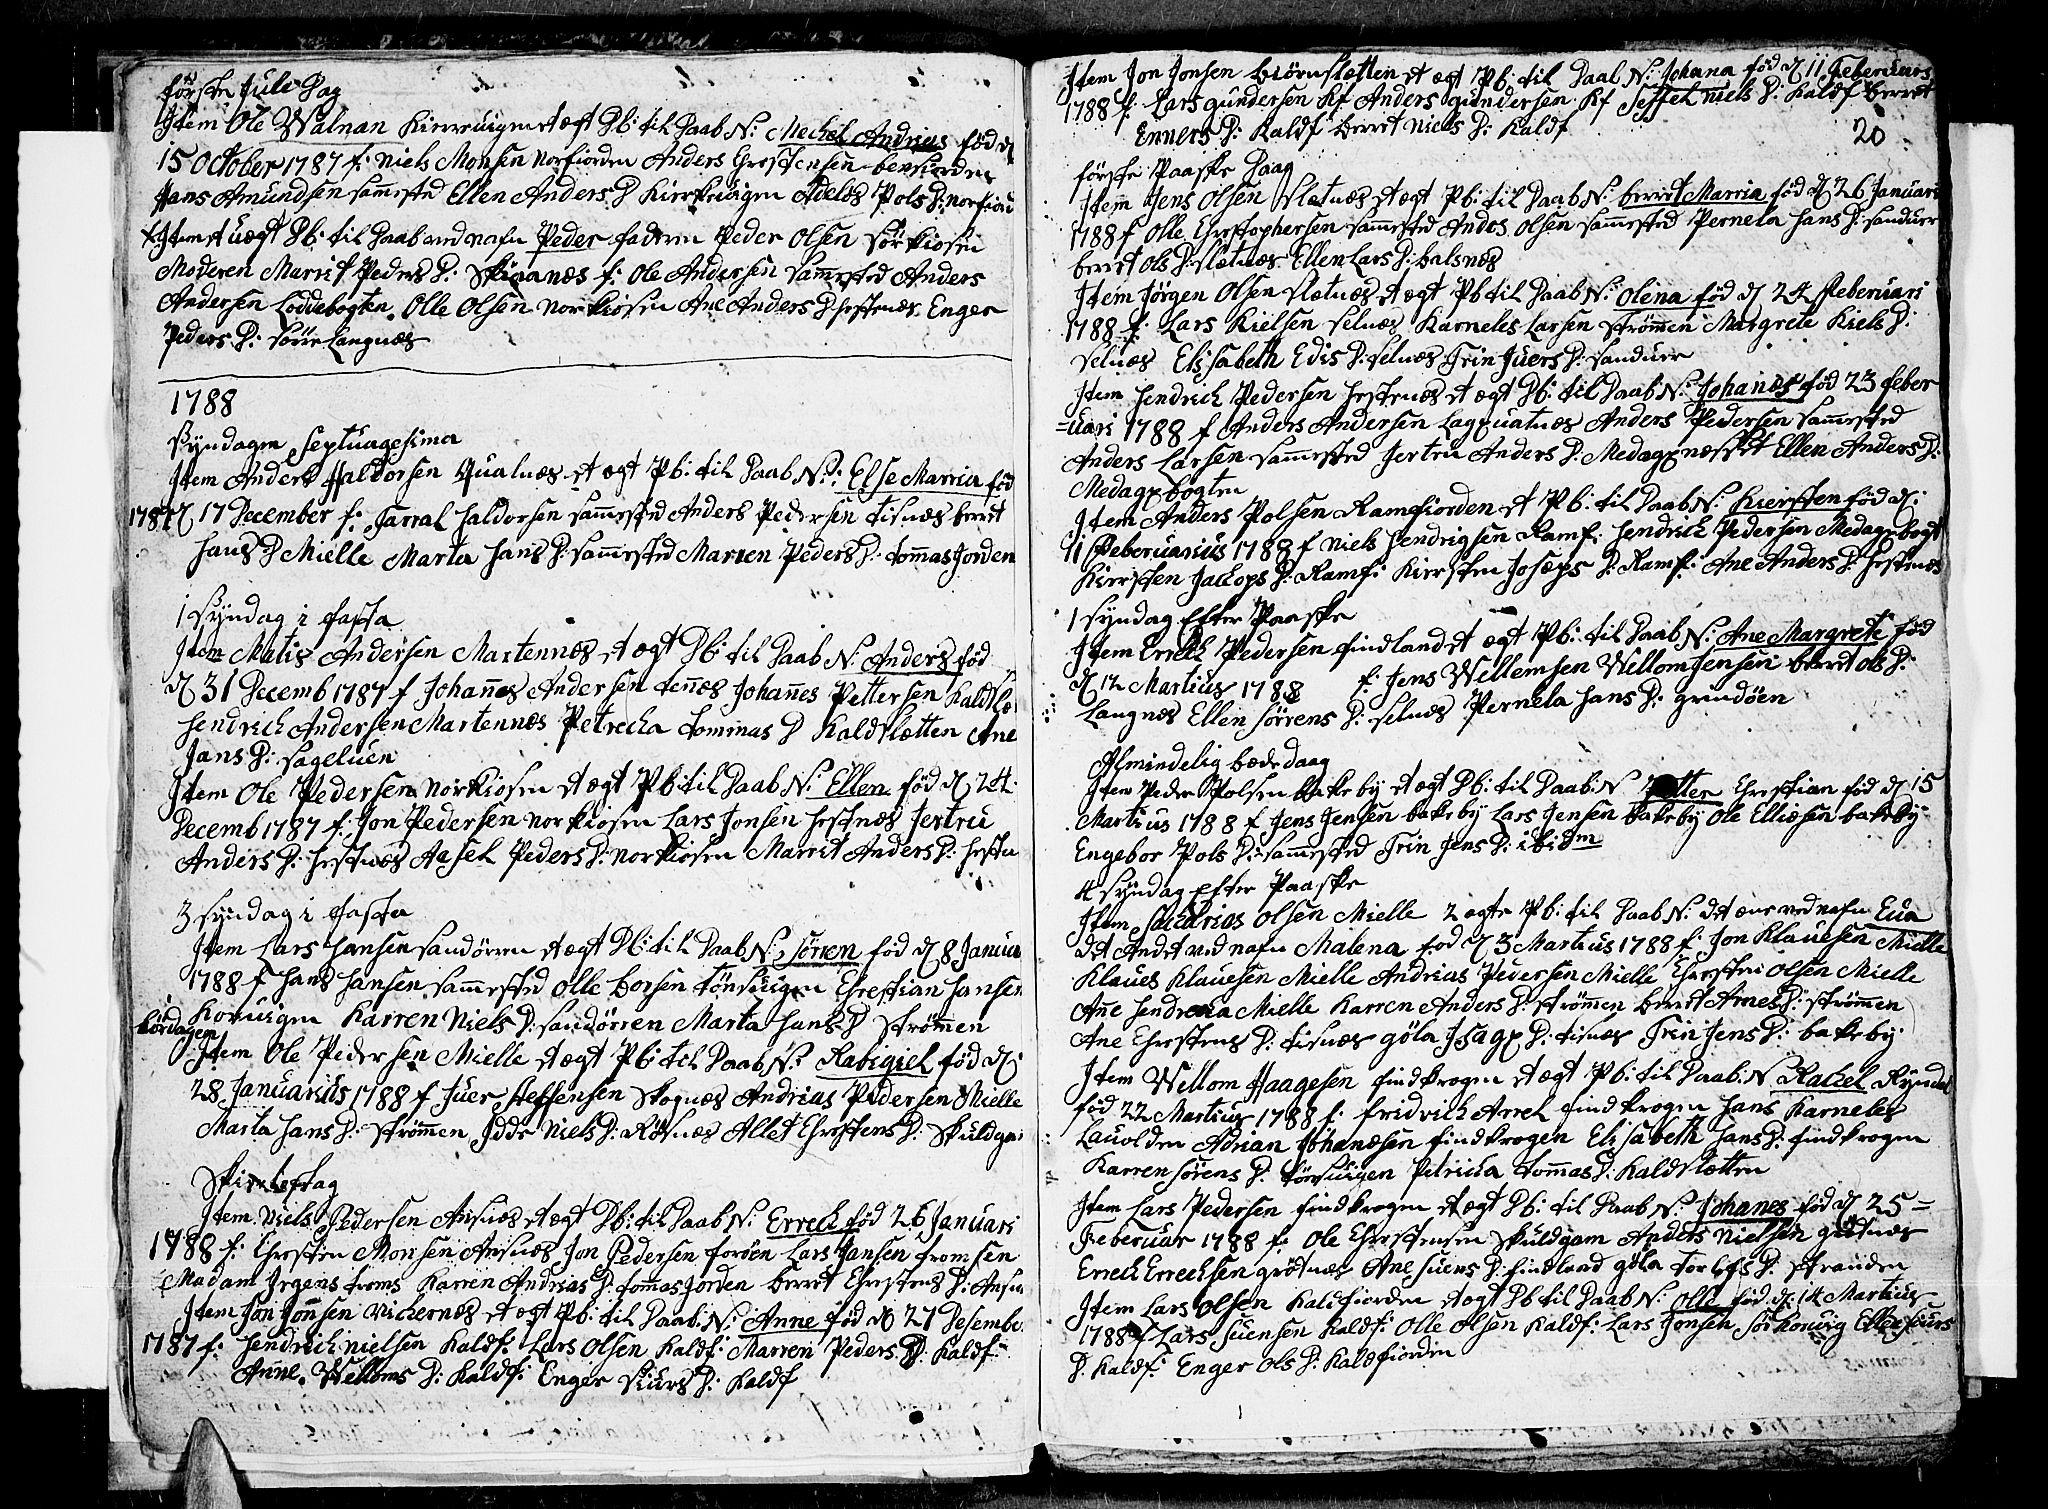 SATØ, Tromsø sokneprestkontor/stiftsprosti/domprosti, G/Ga/L0004kirke: Ministerialbok nr. 4, 1787-1795, s. 20